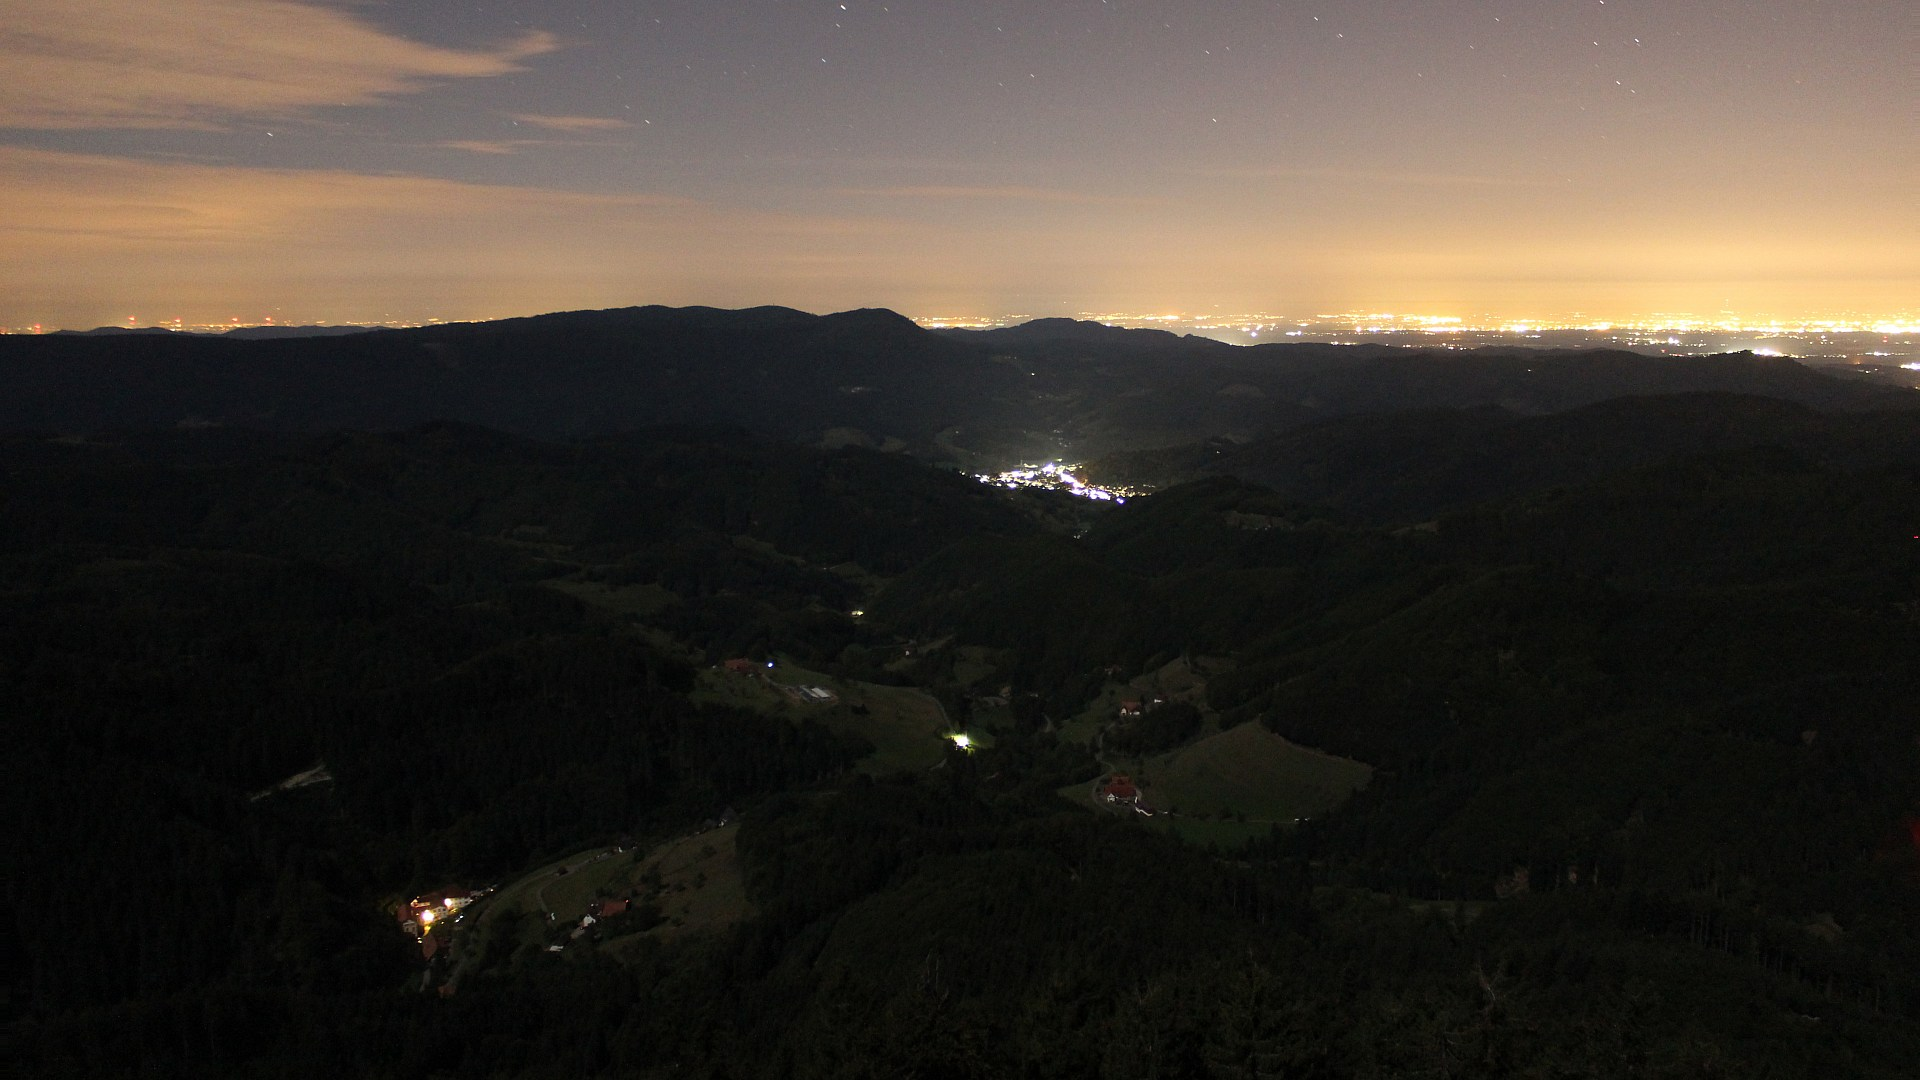 Aufnahme: Buchkopfturm vom 22.09.2019 04:30